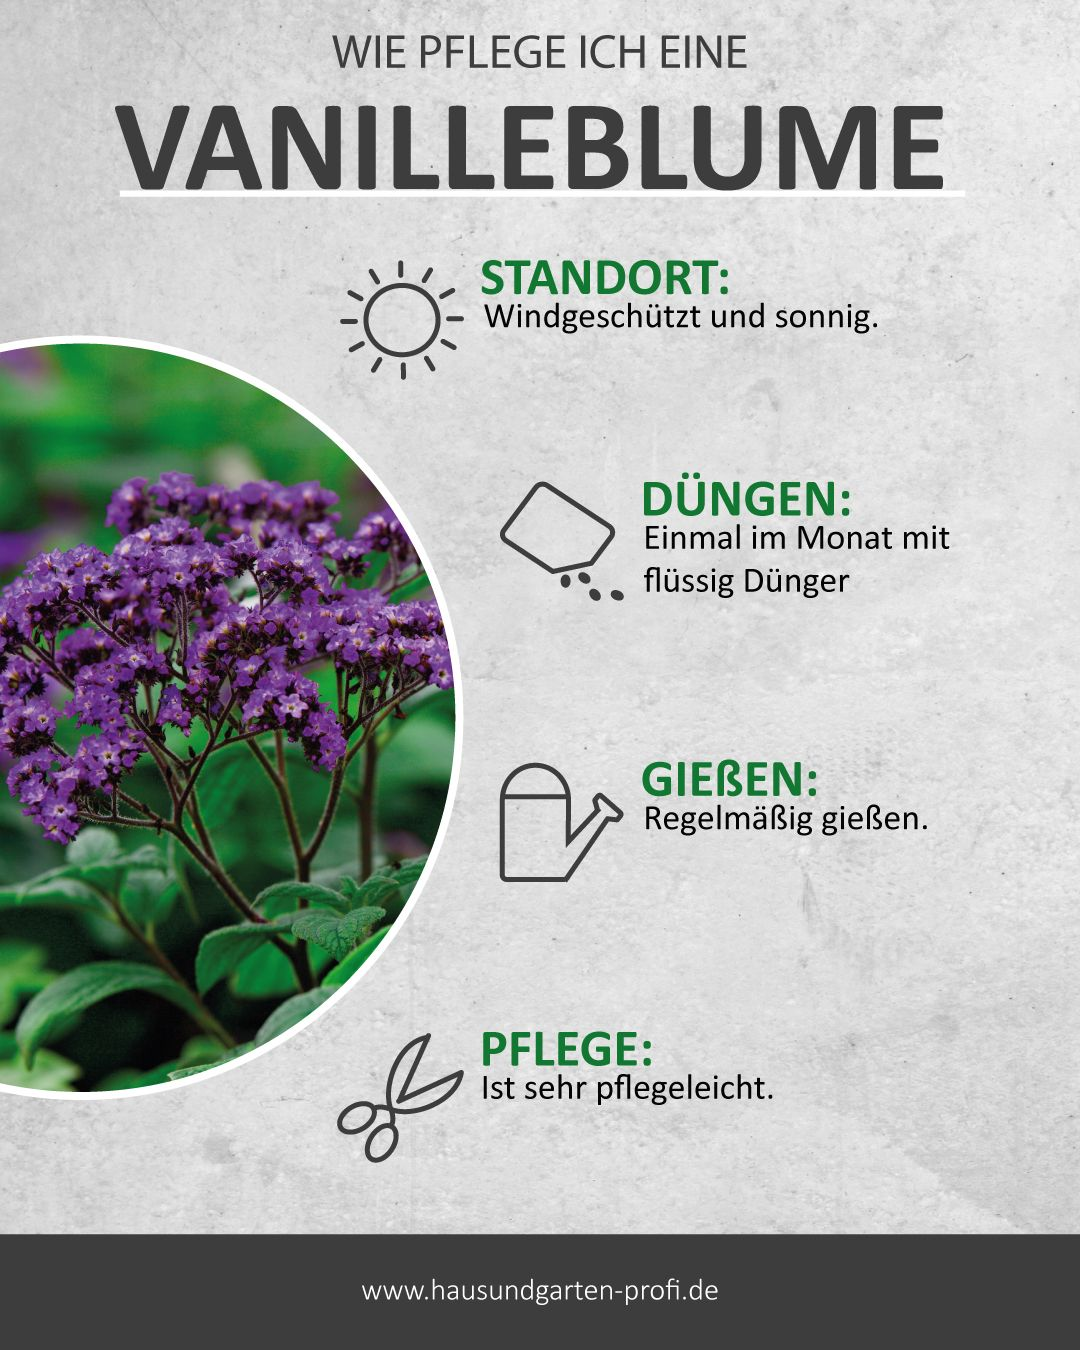 Vanilleblumen verströmen einen süßen Duft!